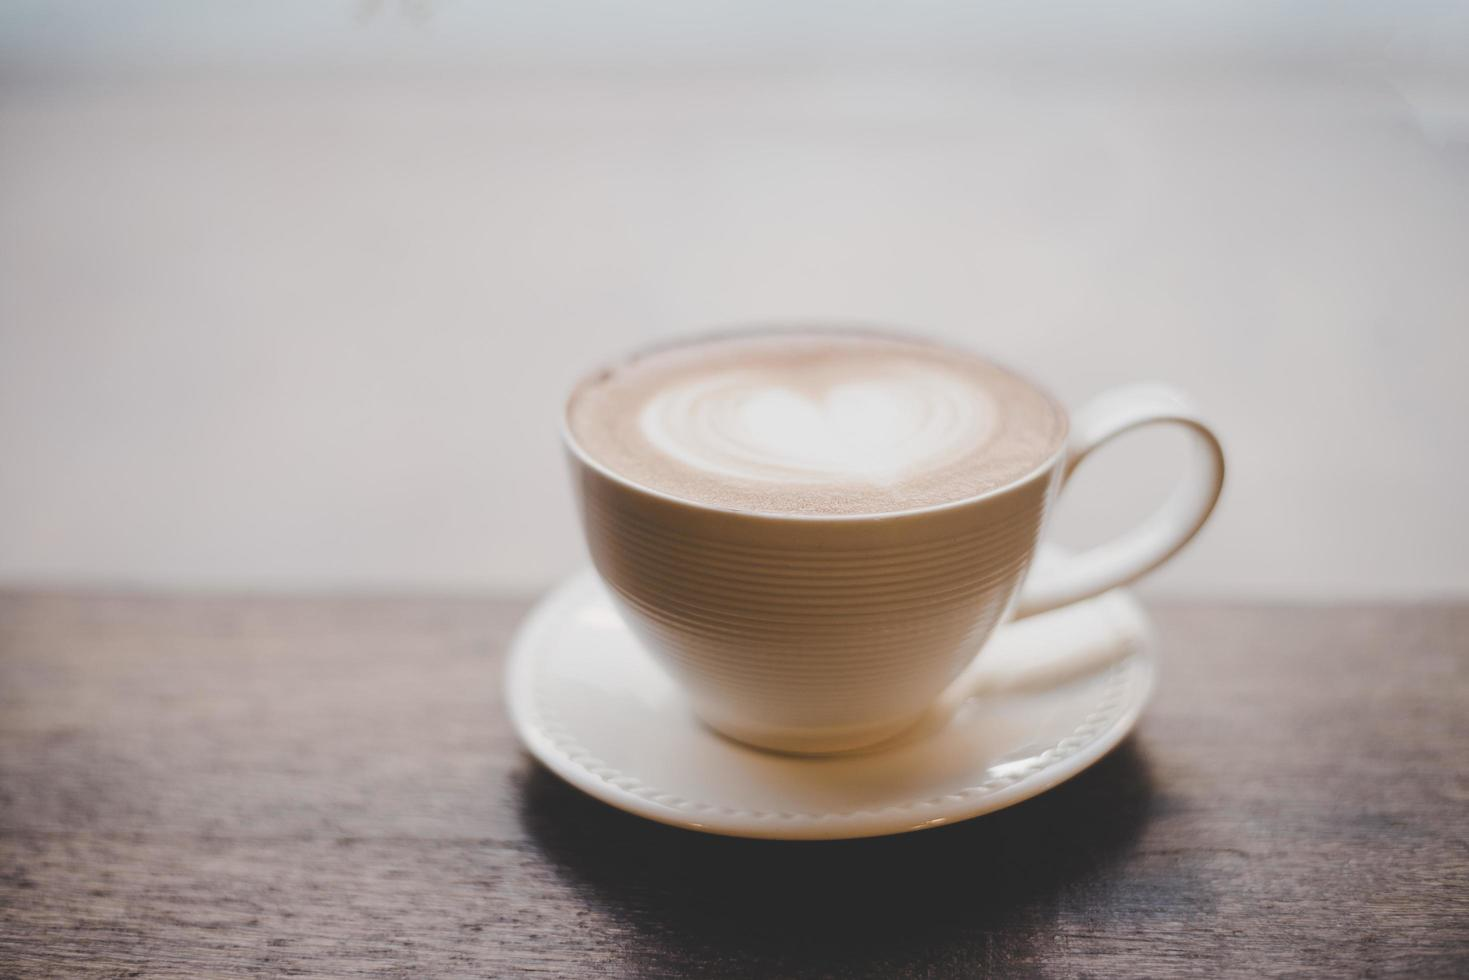 vintage latte art koffie met hartvorm op houten tafel foto